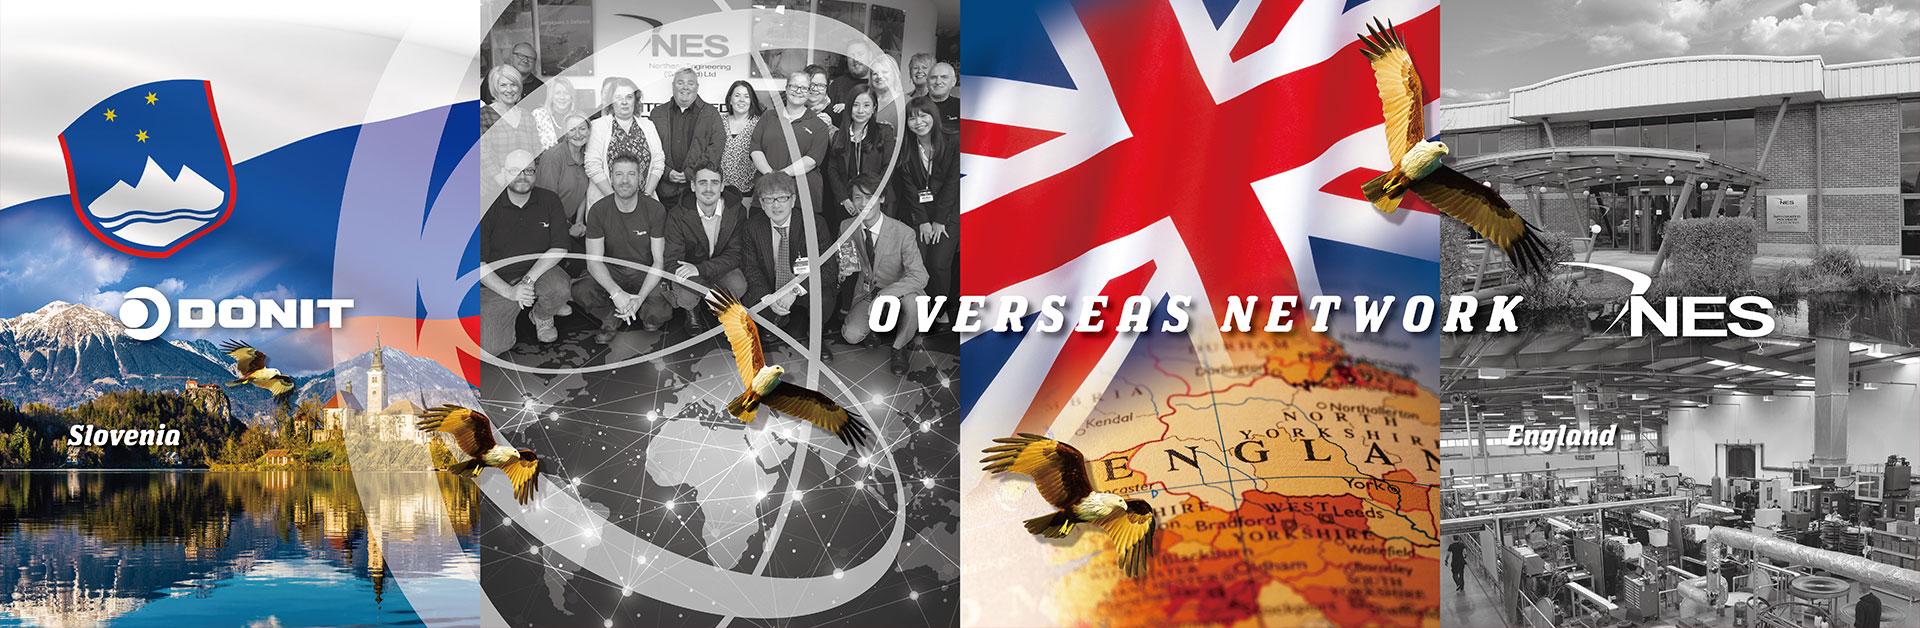 OVERSEAS NETWORK